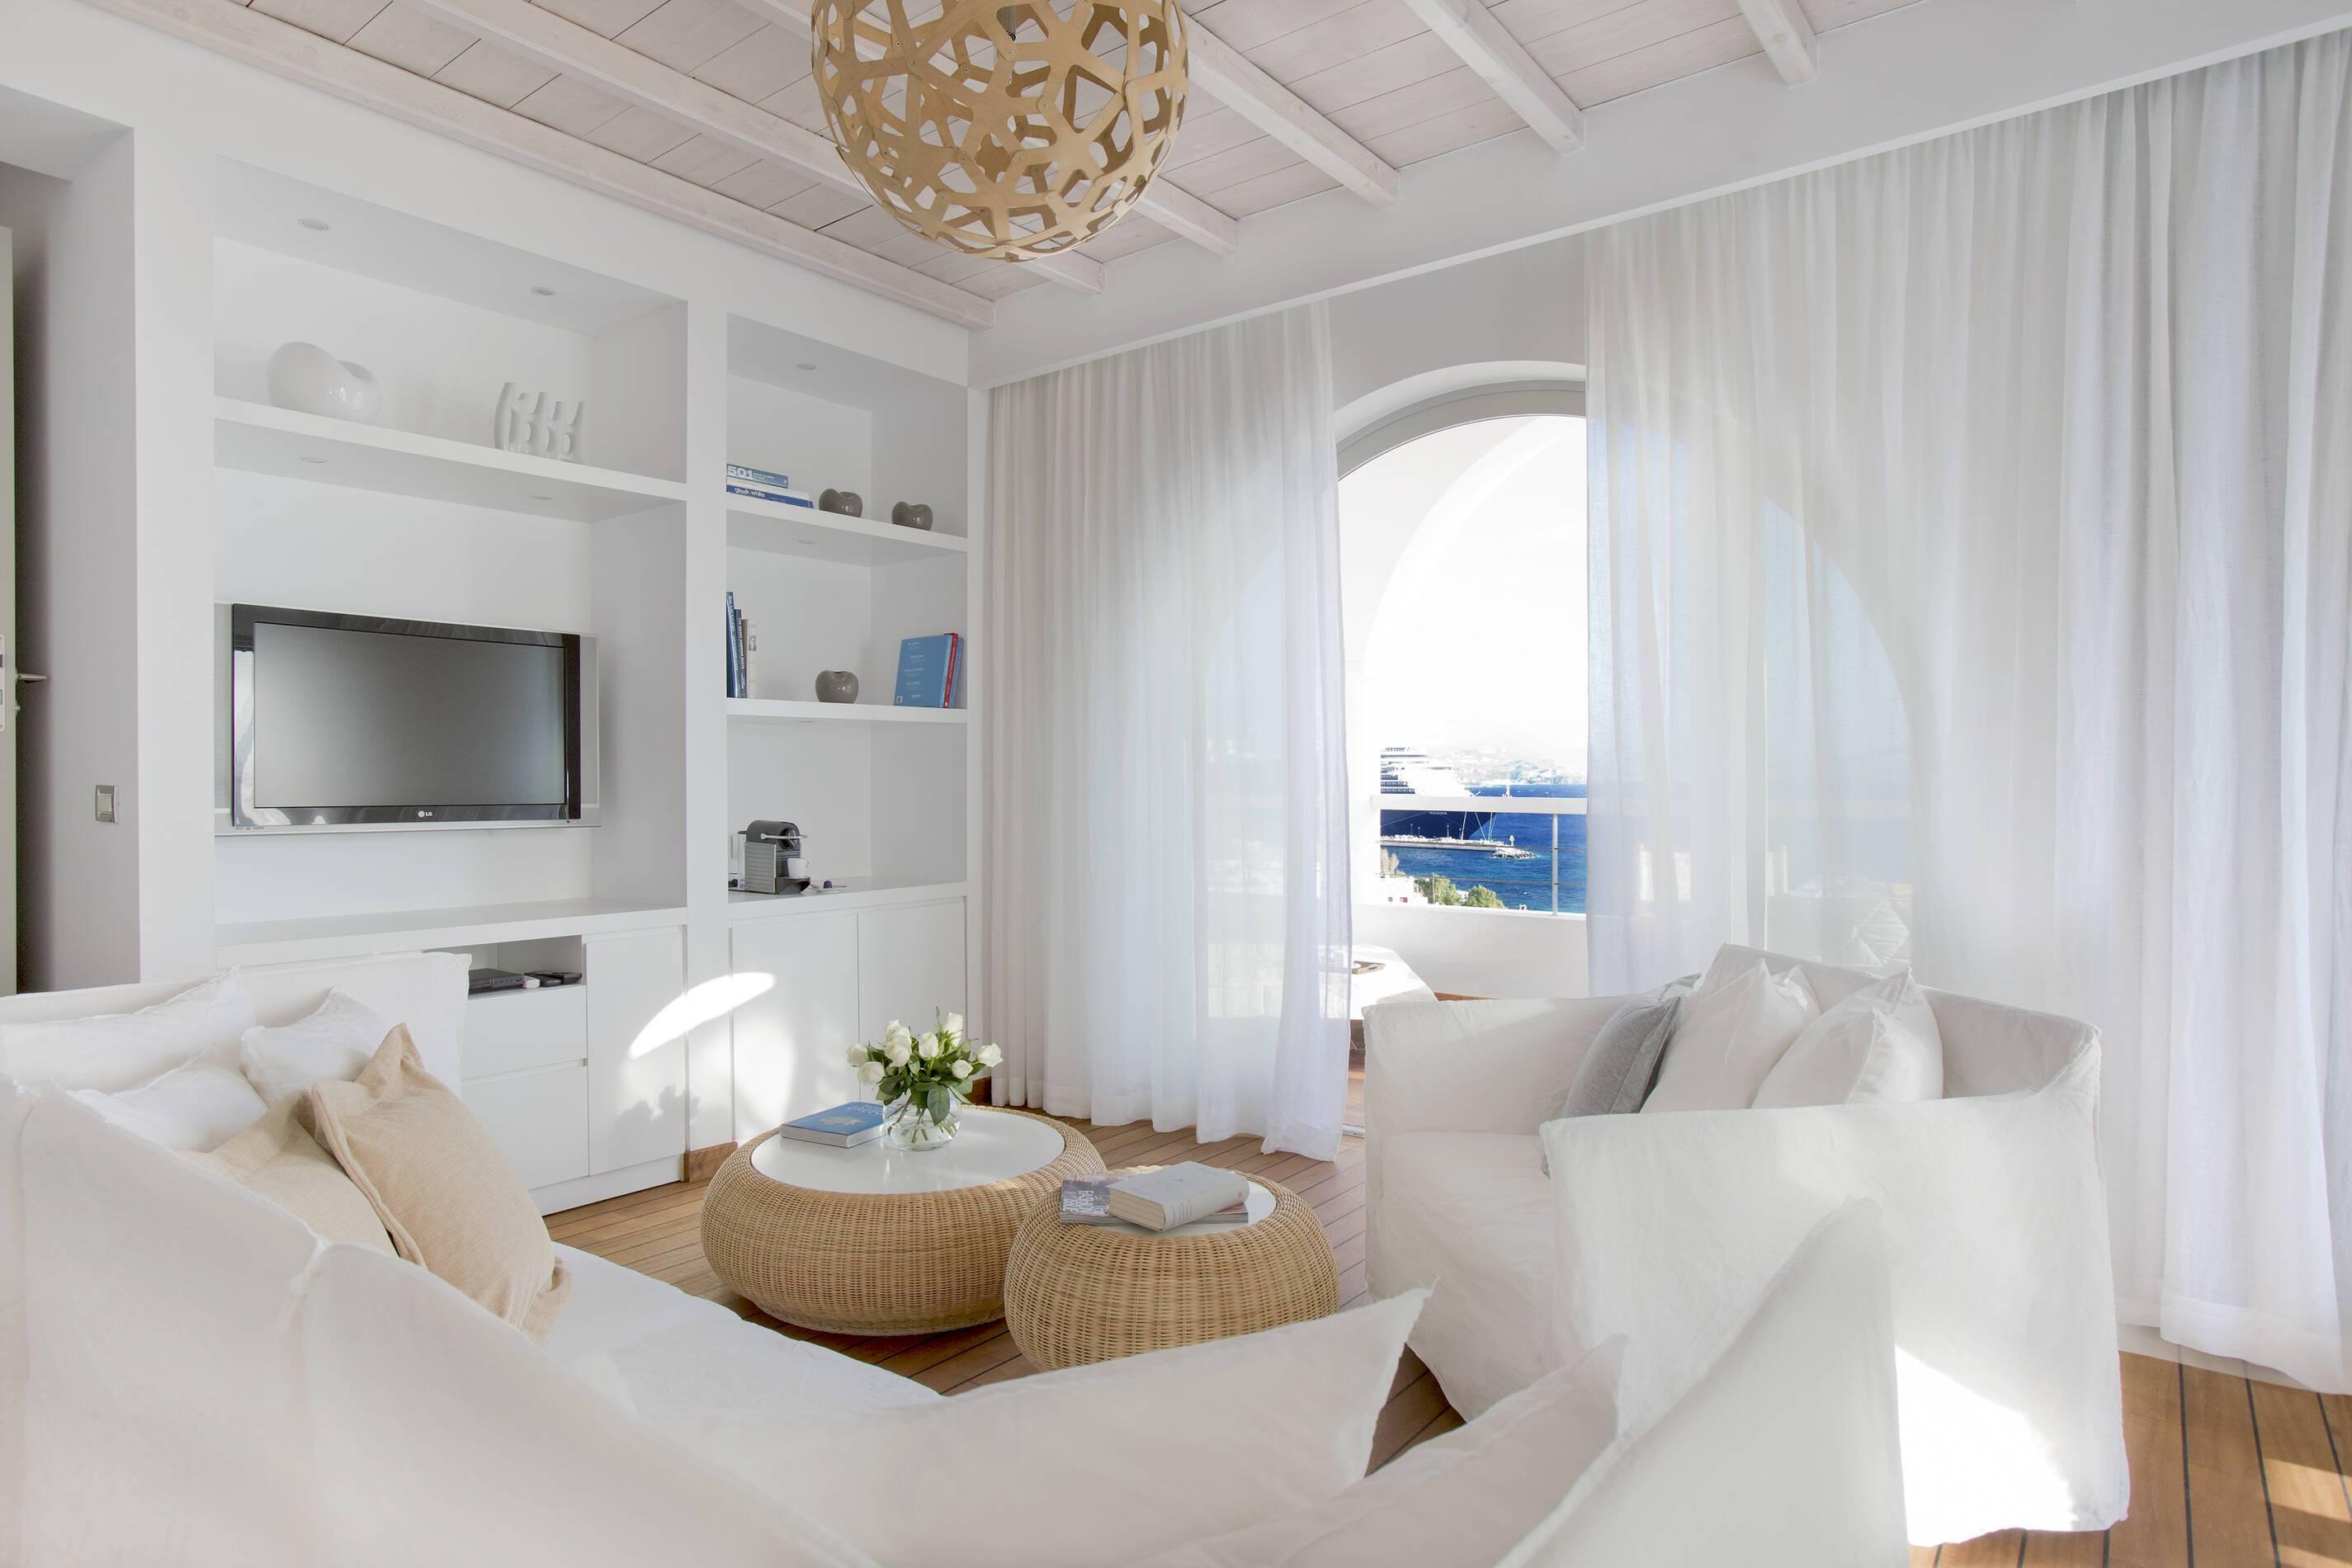 Grace Mykonos Mykonos Suite salon mykonos